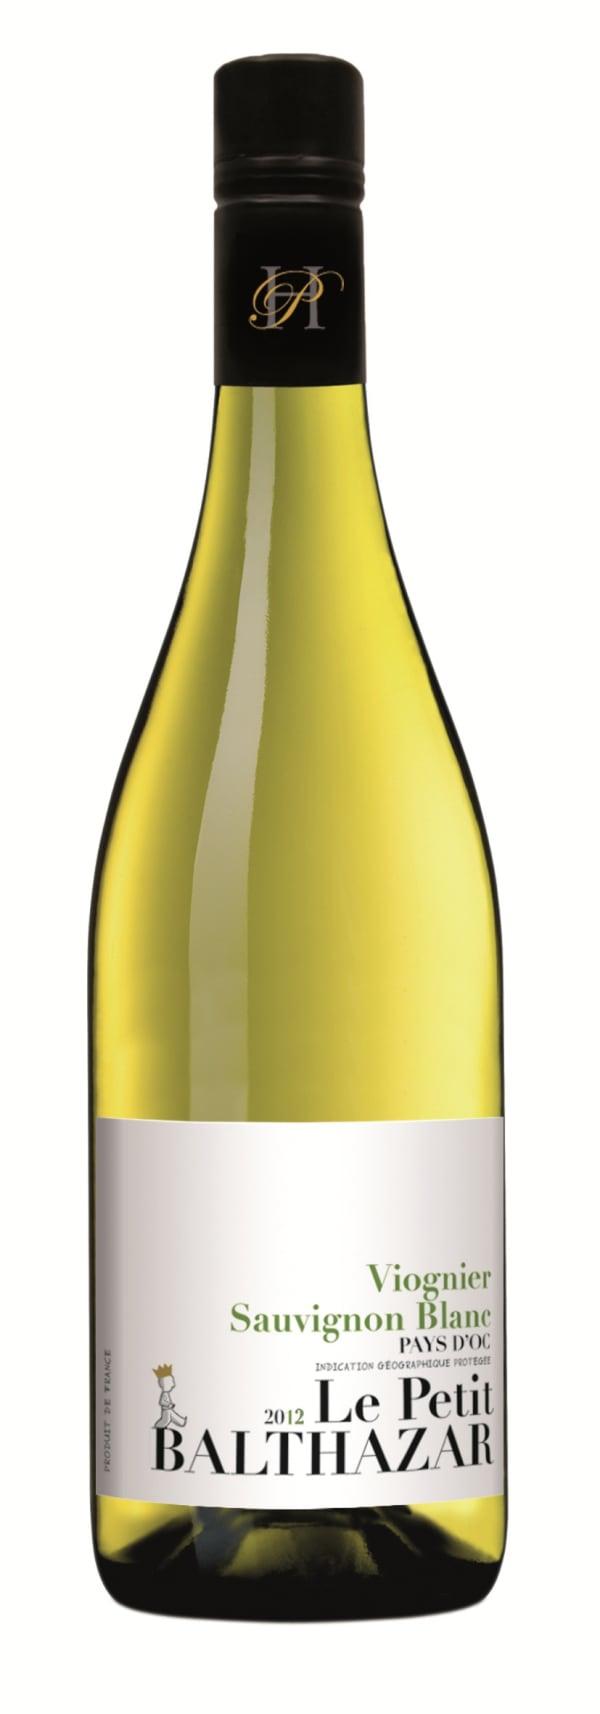 Le Petit Balthazar Viognier Sauvignon Blanc 2017